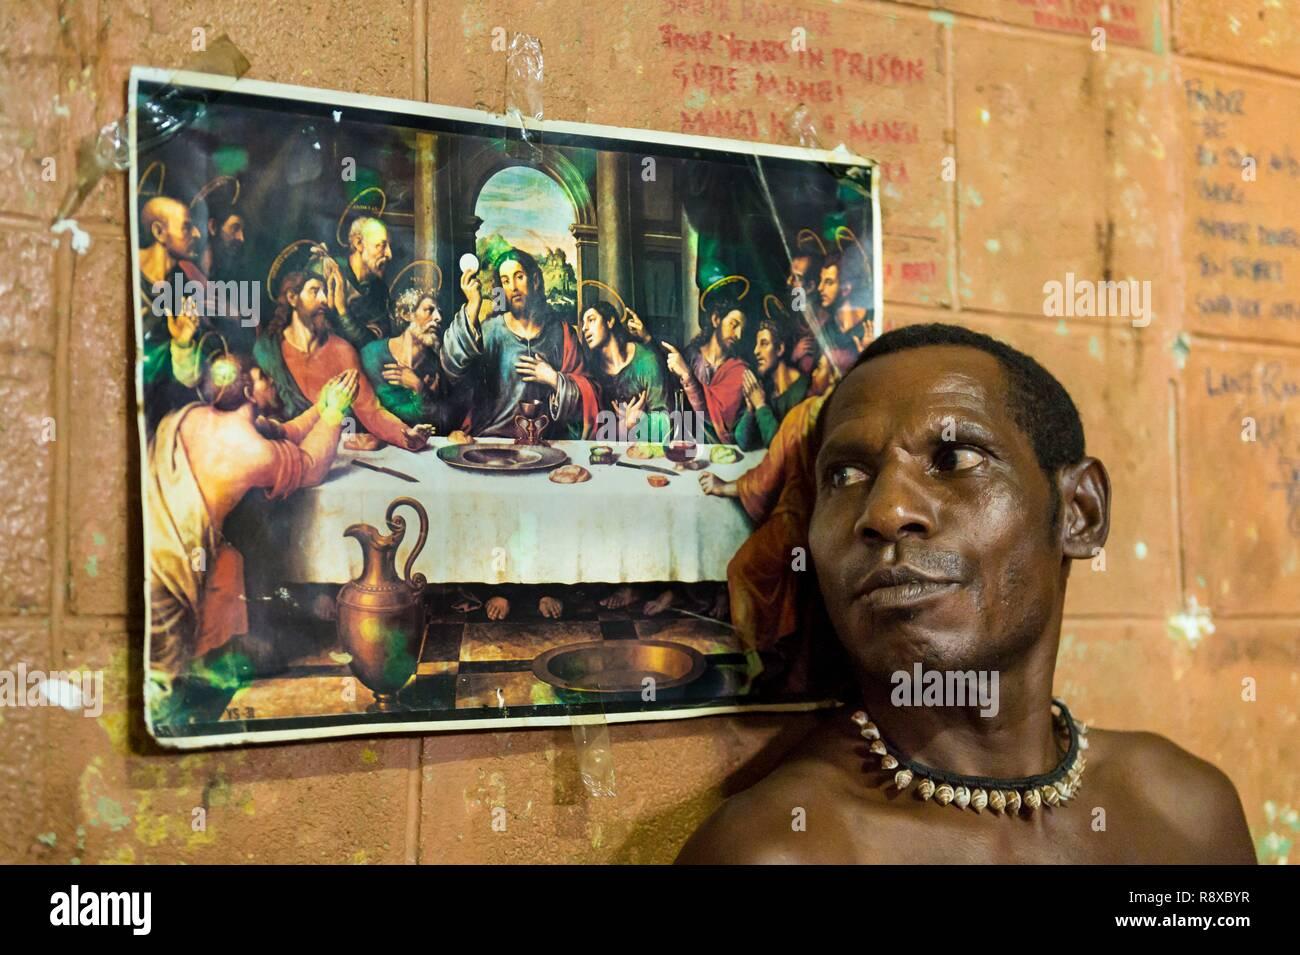 Papua Nuova Guinea, Golfo di Papua, Capitale Nazionale di Port Moresby, città di Bomana carcere di massima sicurezza, Area di prigione con un poster religiosi Immagini Stock